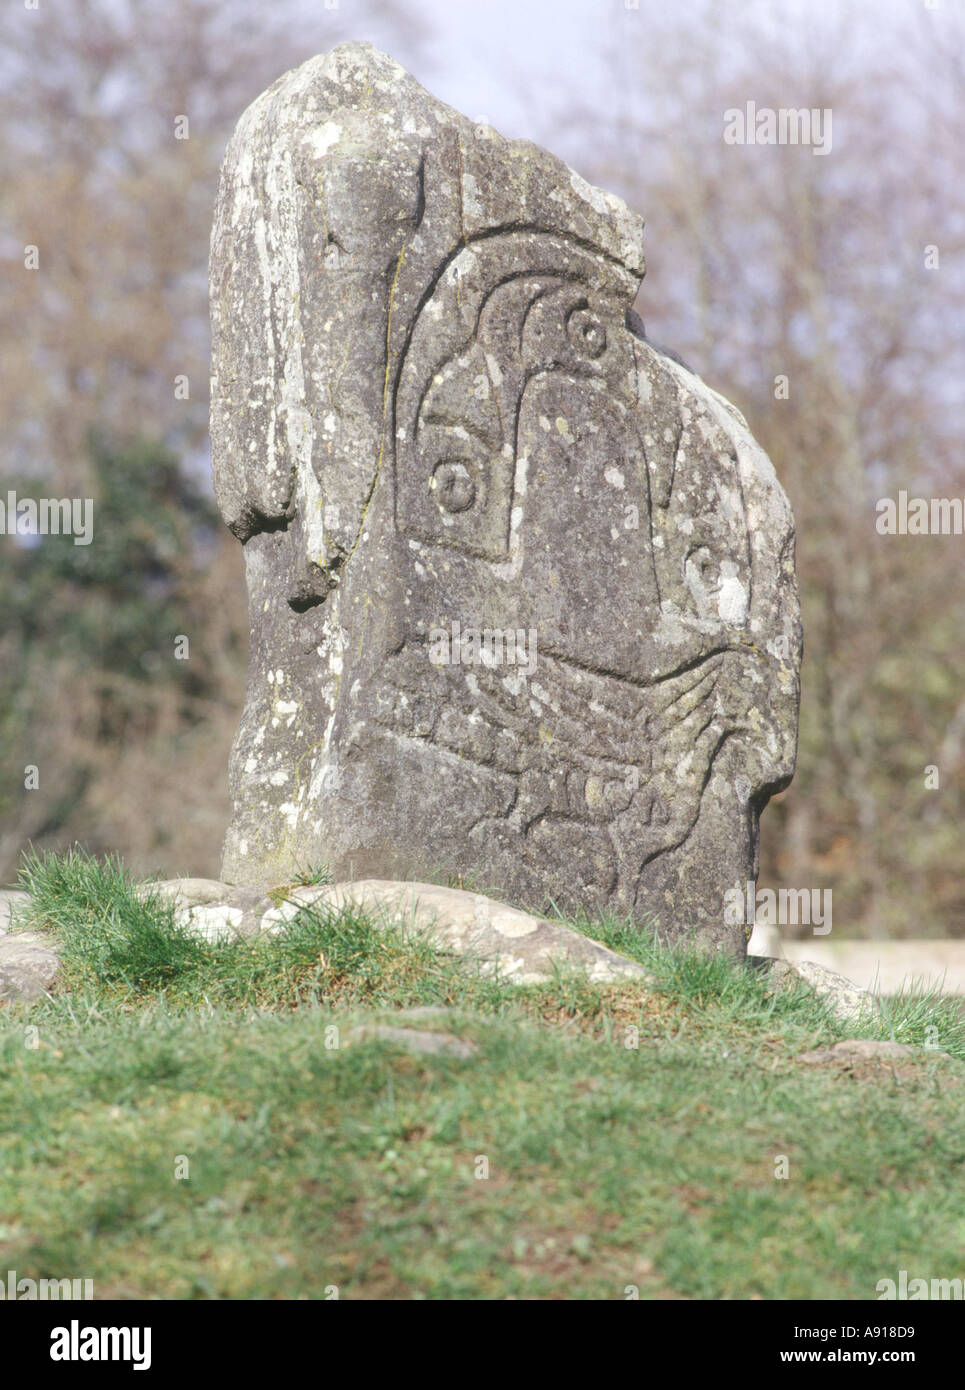 dh Eagle Stone ecosse STRATHPEFFER ROSS CROMARTY Art celtique Pictush symbole de sculpture de pierres debout pictueuses sculptées par pictush Banque D'Images